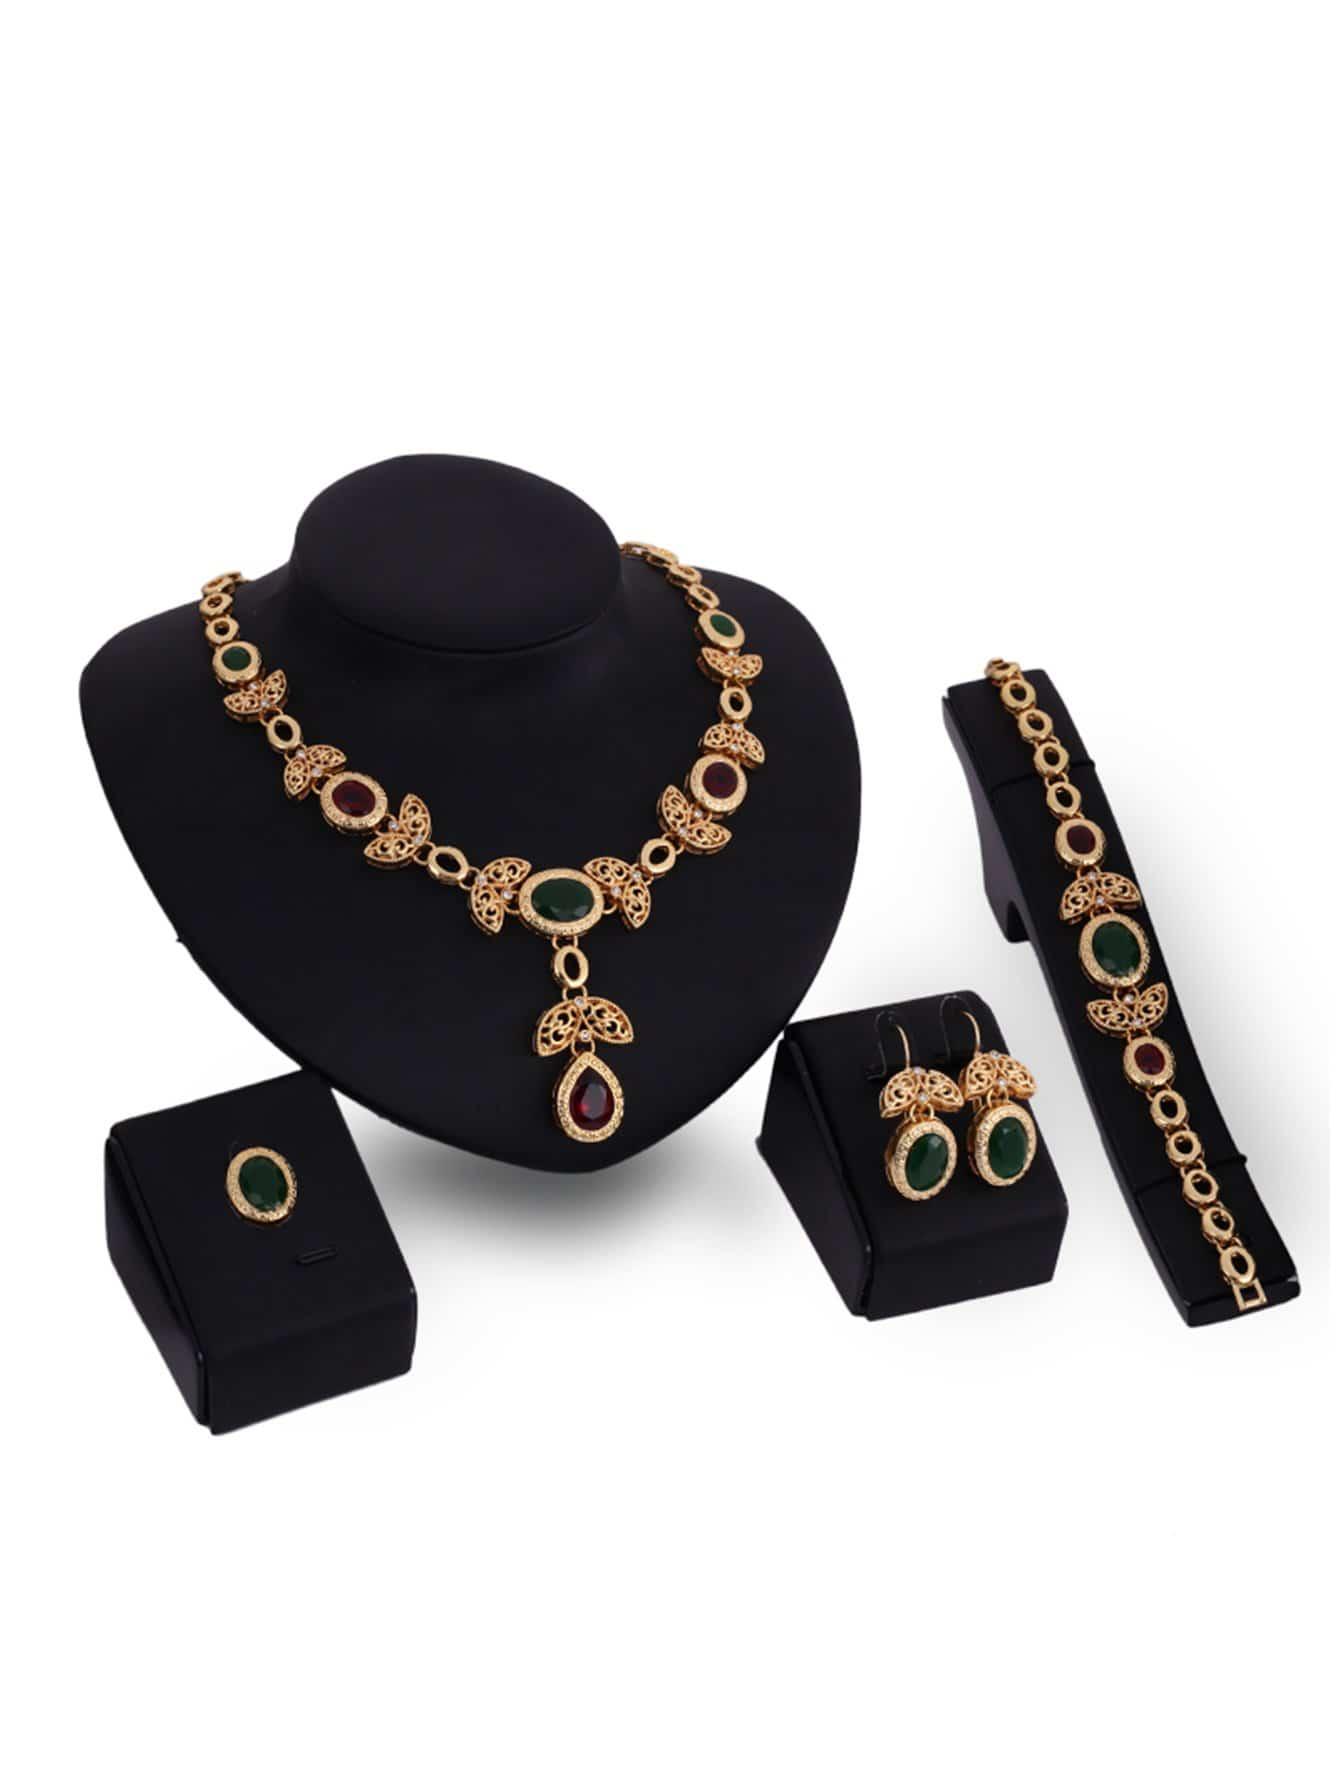 Halskette mit ausgehöhltem Blatt Anhänger, Armband, Ring und Ohrringe